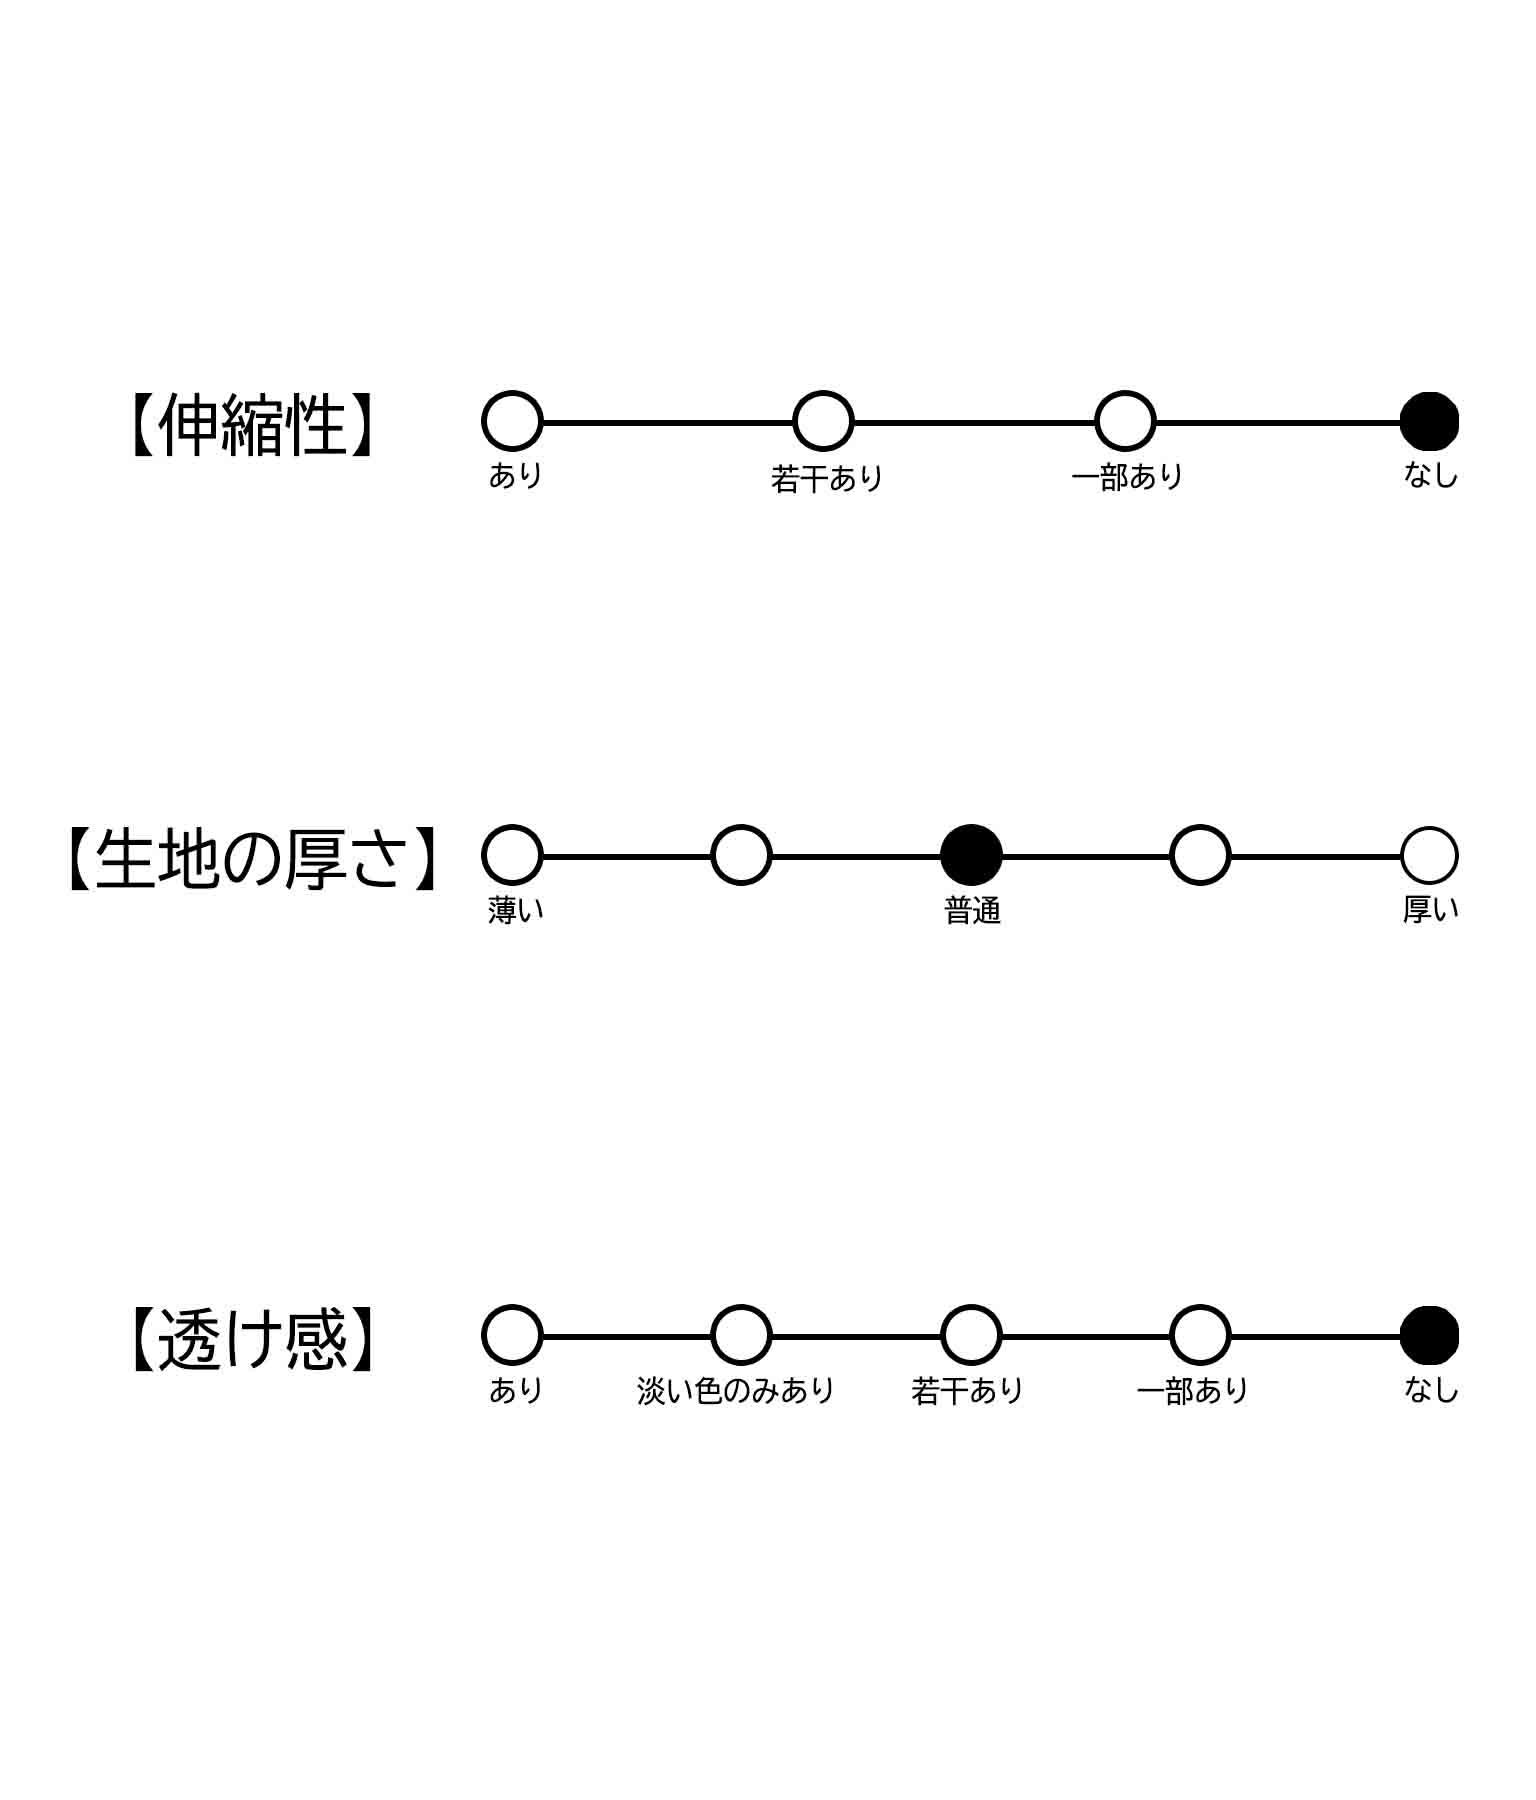 レザー風フレアロングスカート(ボトムス・パンツ /スカート)   CHILLE